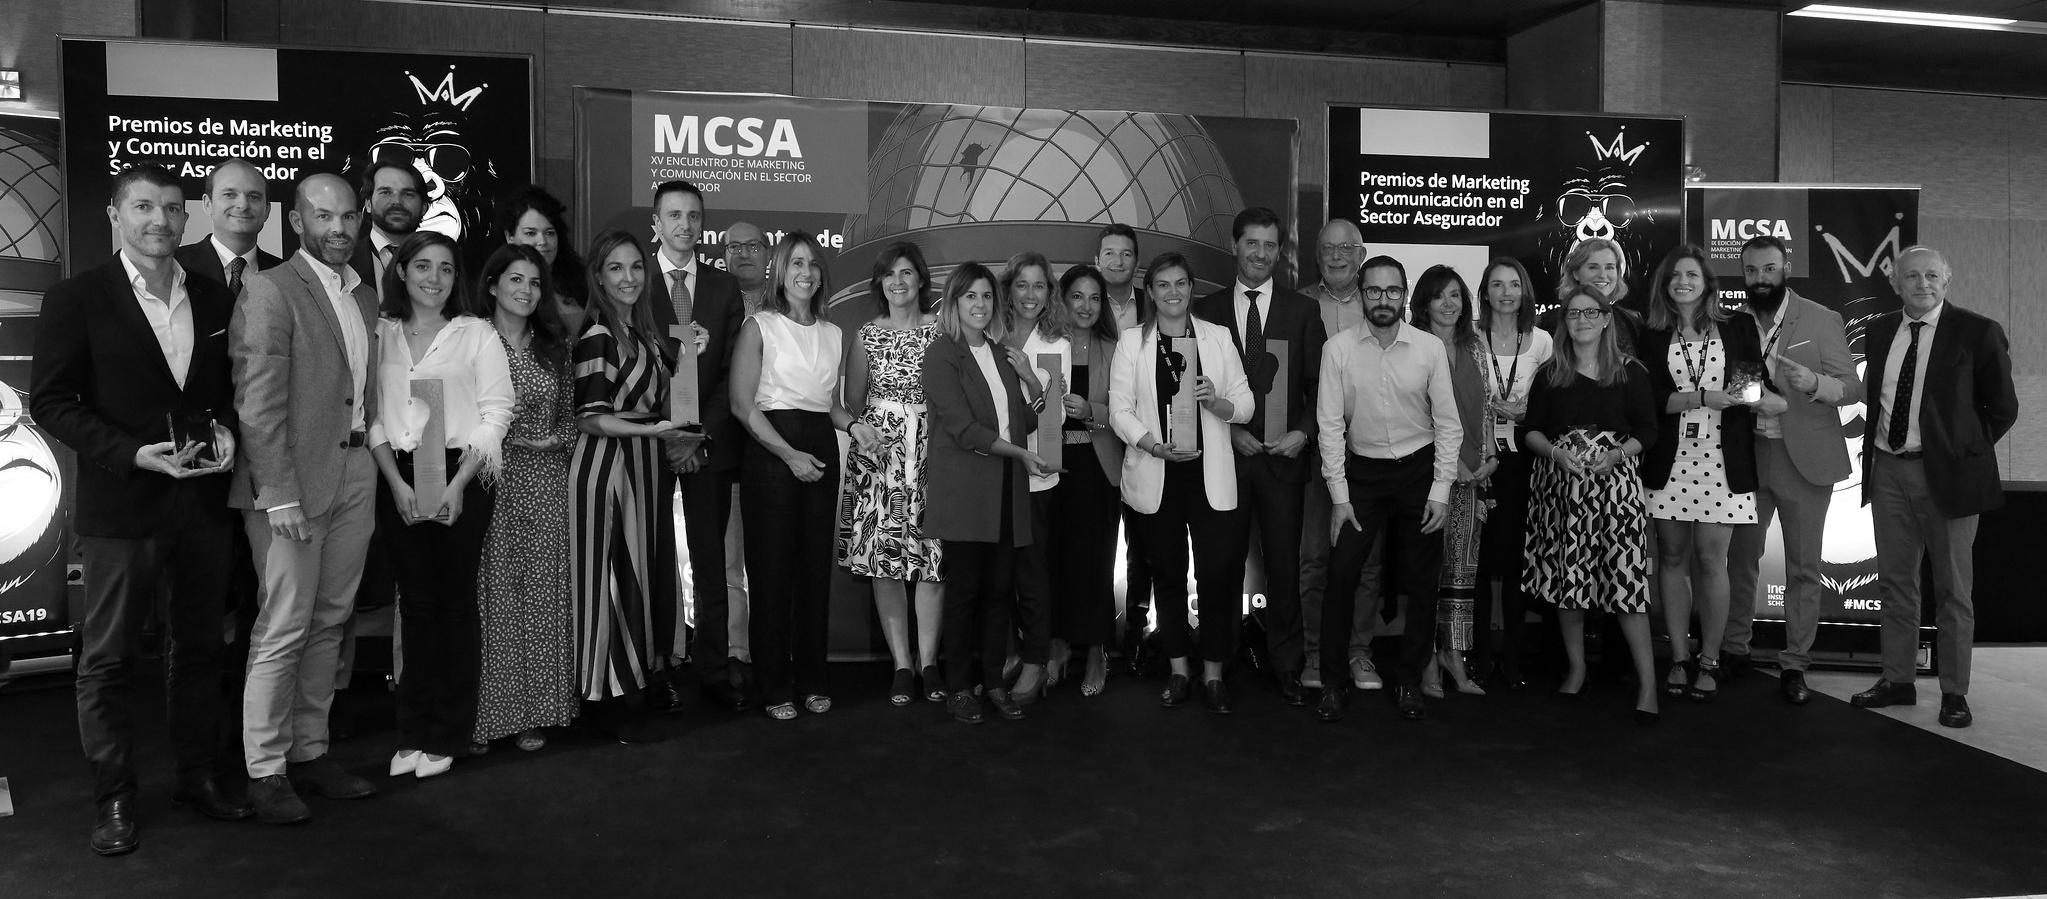 Ganadores de los Premios de Marketing y Comunicación en el Sector Asegurador